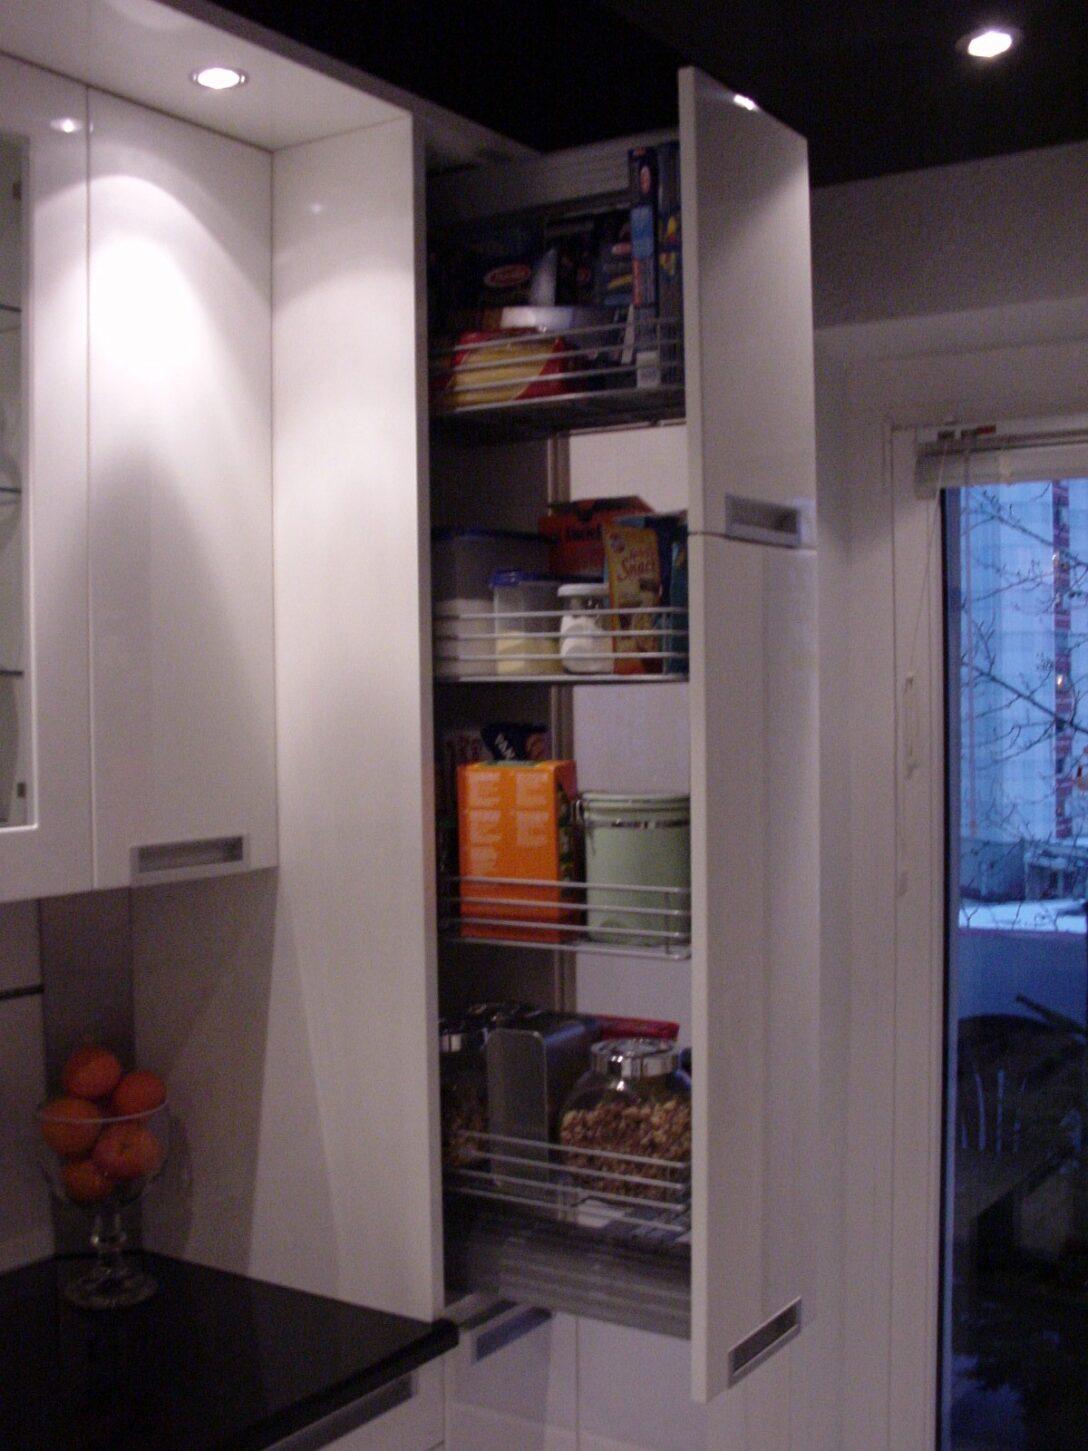 Large Size of Apothekerschrank Weiß Hochglanz Ikea Esstisch Oval Bad Hängeschrank Regal Bett 160x200 Betten 90x200 Modulküche Badezimmer Hochschrank Weißes Sofa Wohnzimmer Apothekerschrank Weiß Hochglanz Ikea